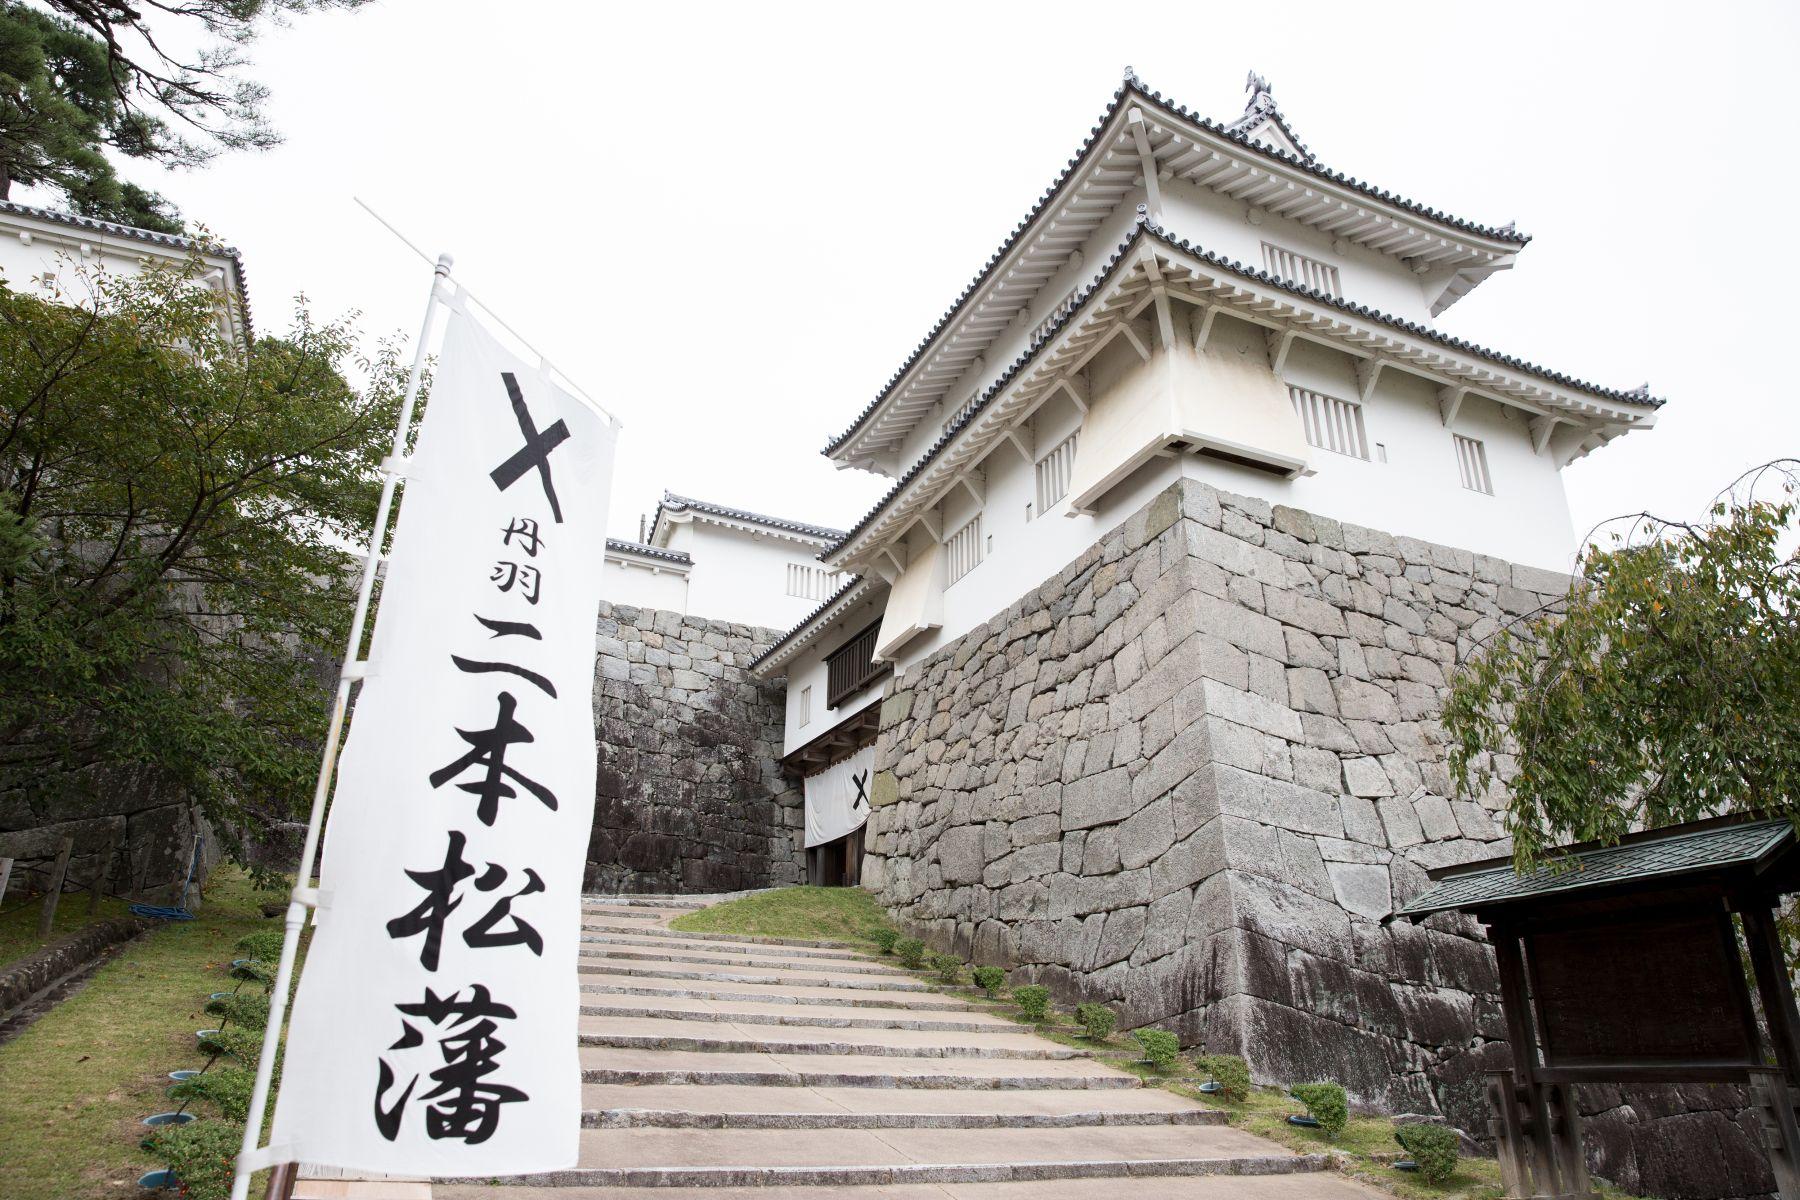 Samurai Spirit of Fukushima The Shonentai Youth Corps of Nihonmatsu Castle 007